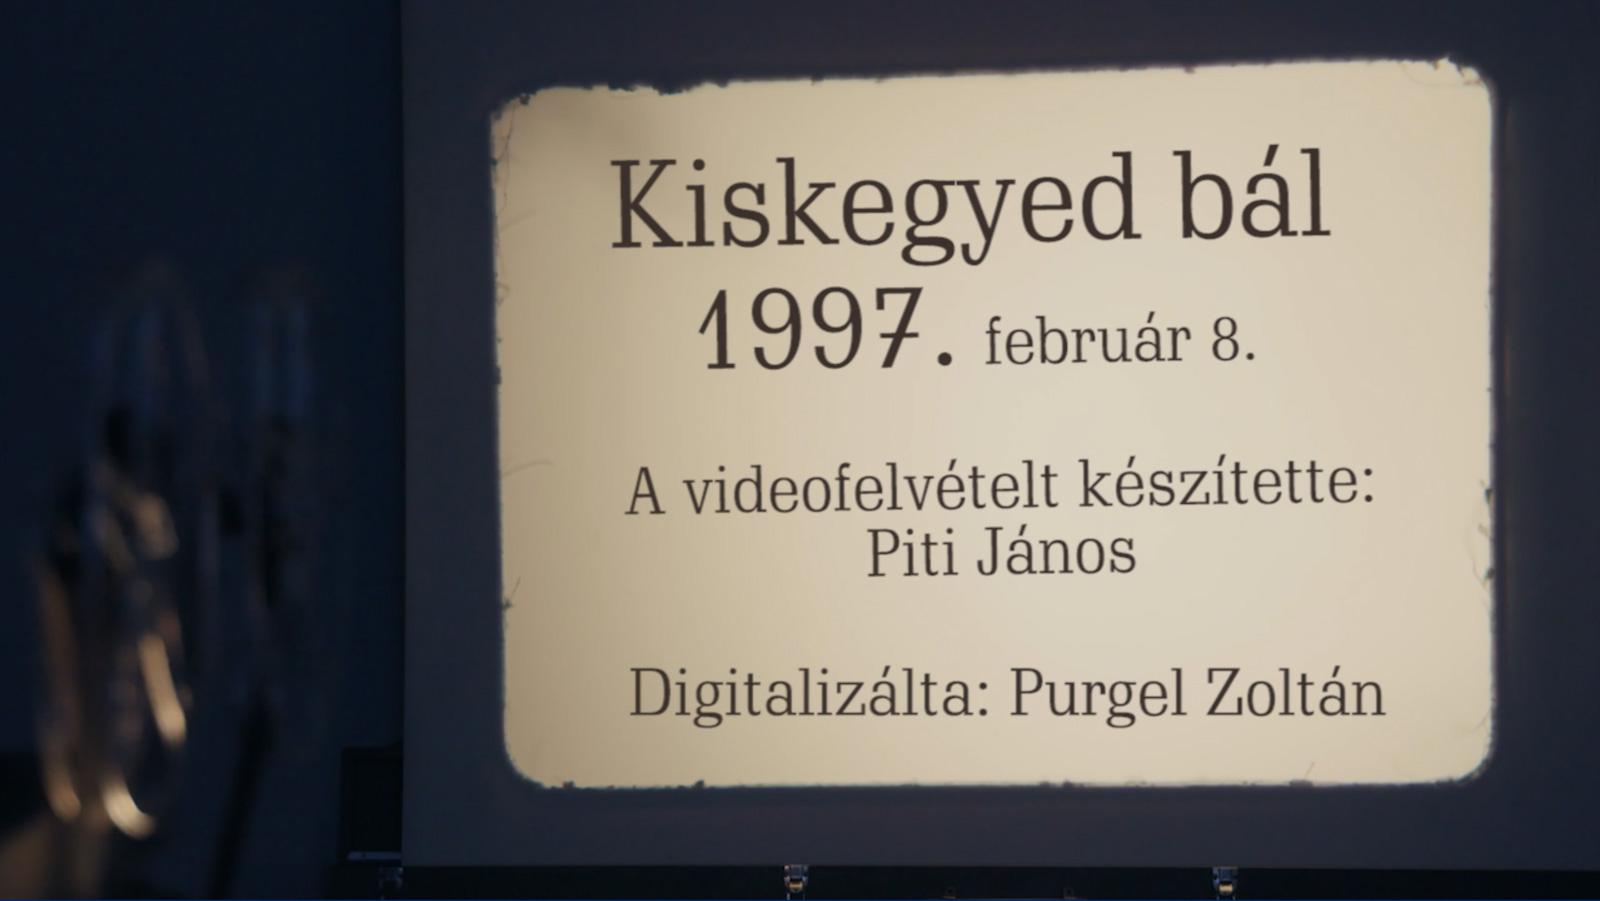 Kiskegyed bál – 1997. február 8.